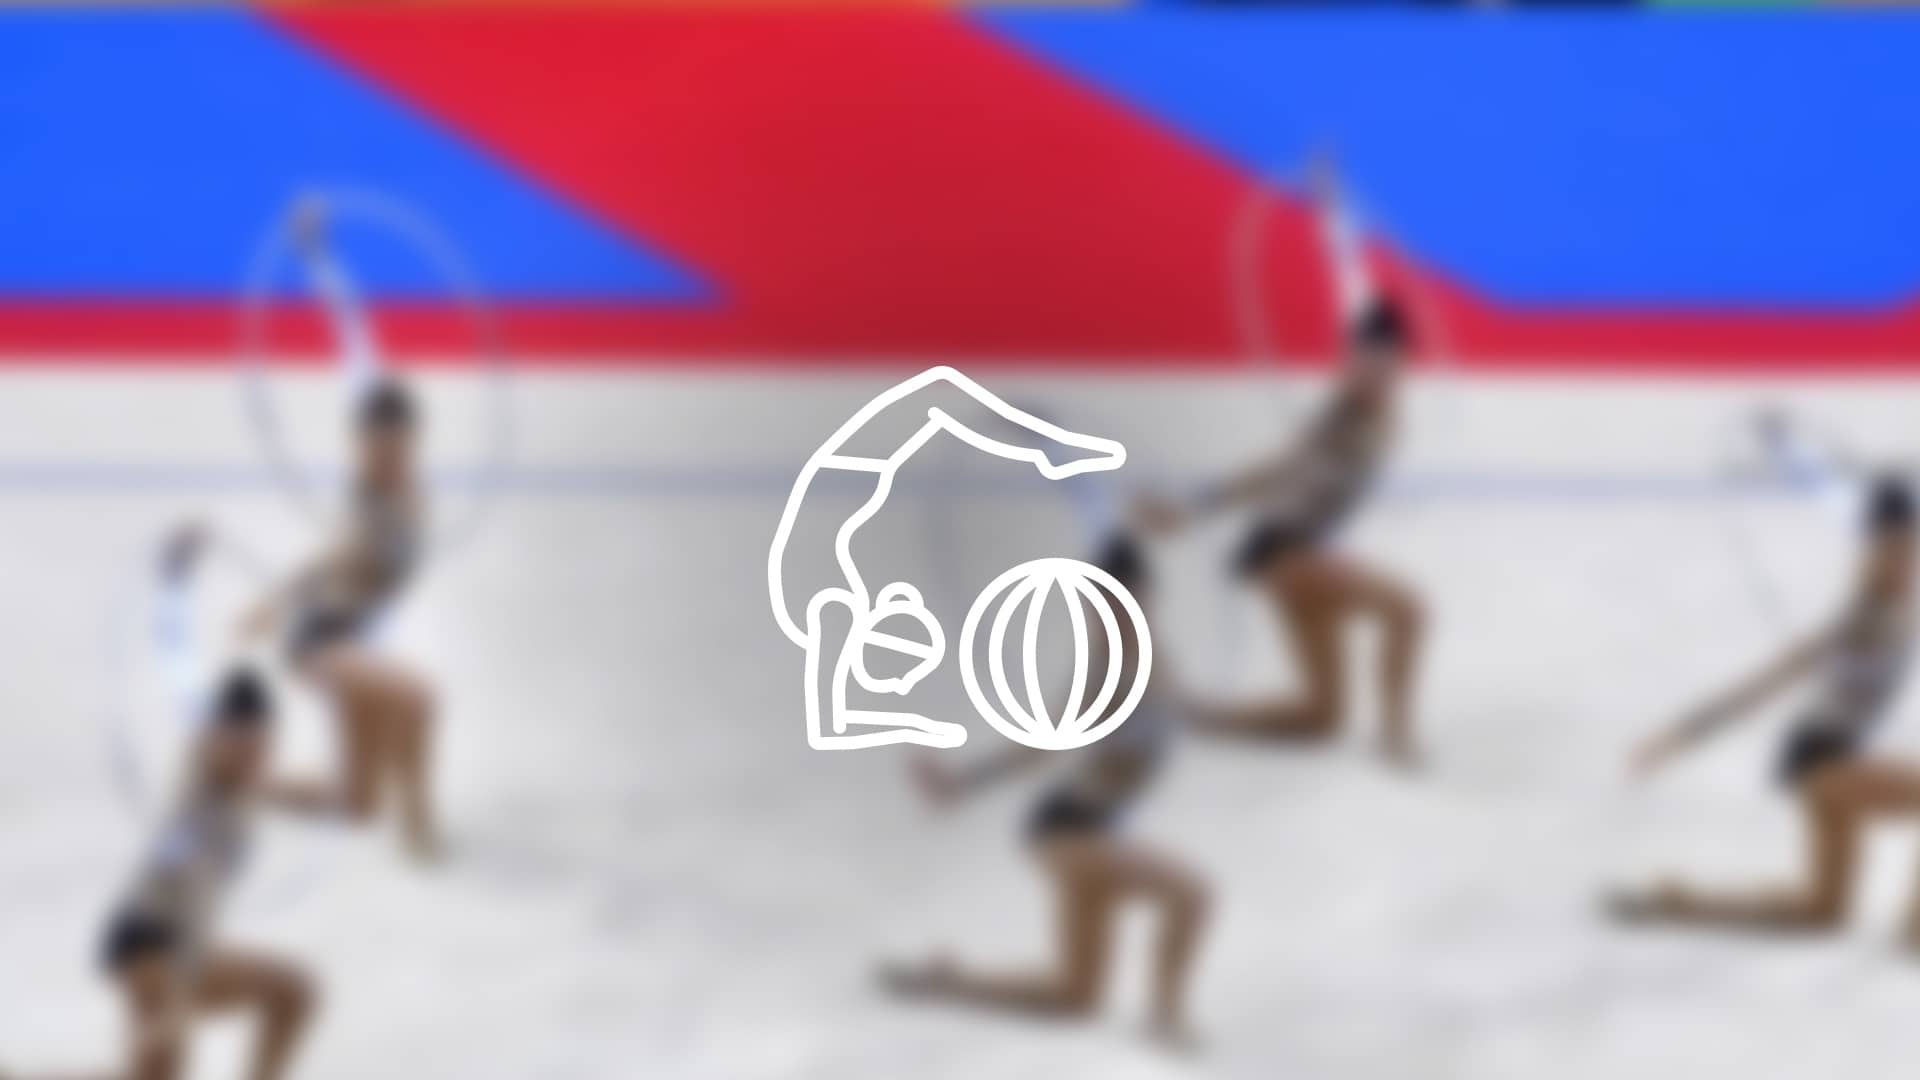 Dónde ver gimnasia rítmica online: streaming, TV en directo y mejores gimnastas españolas